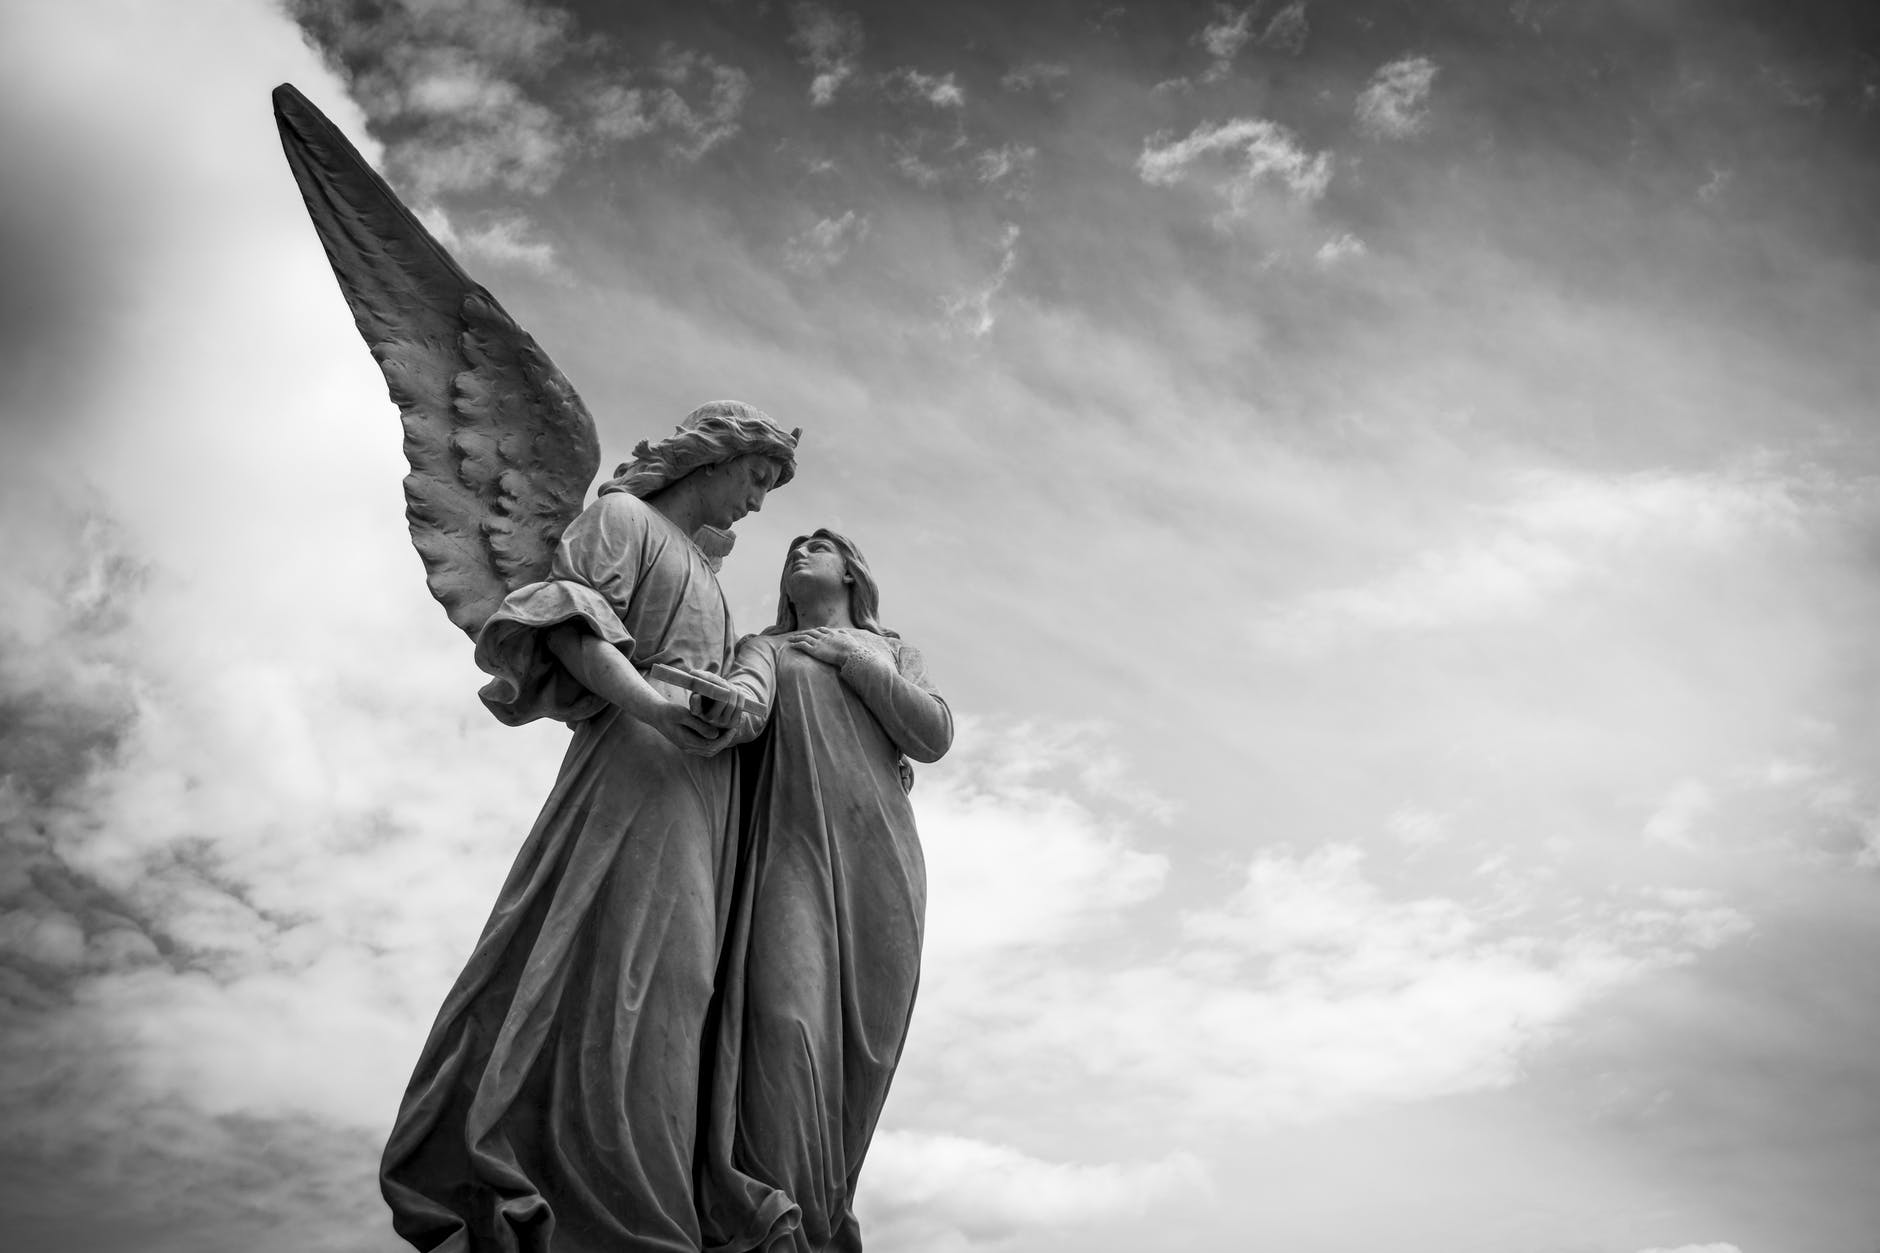 Engelstatue nebst Frau vor Wolken, Bild in Schwarz-Weiß.